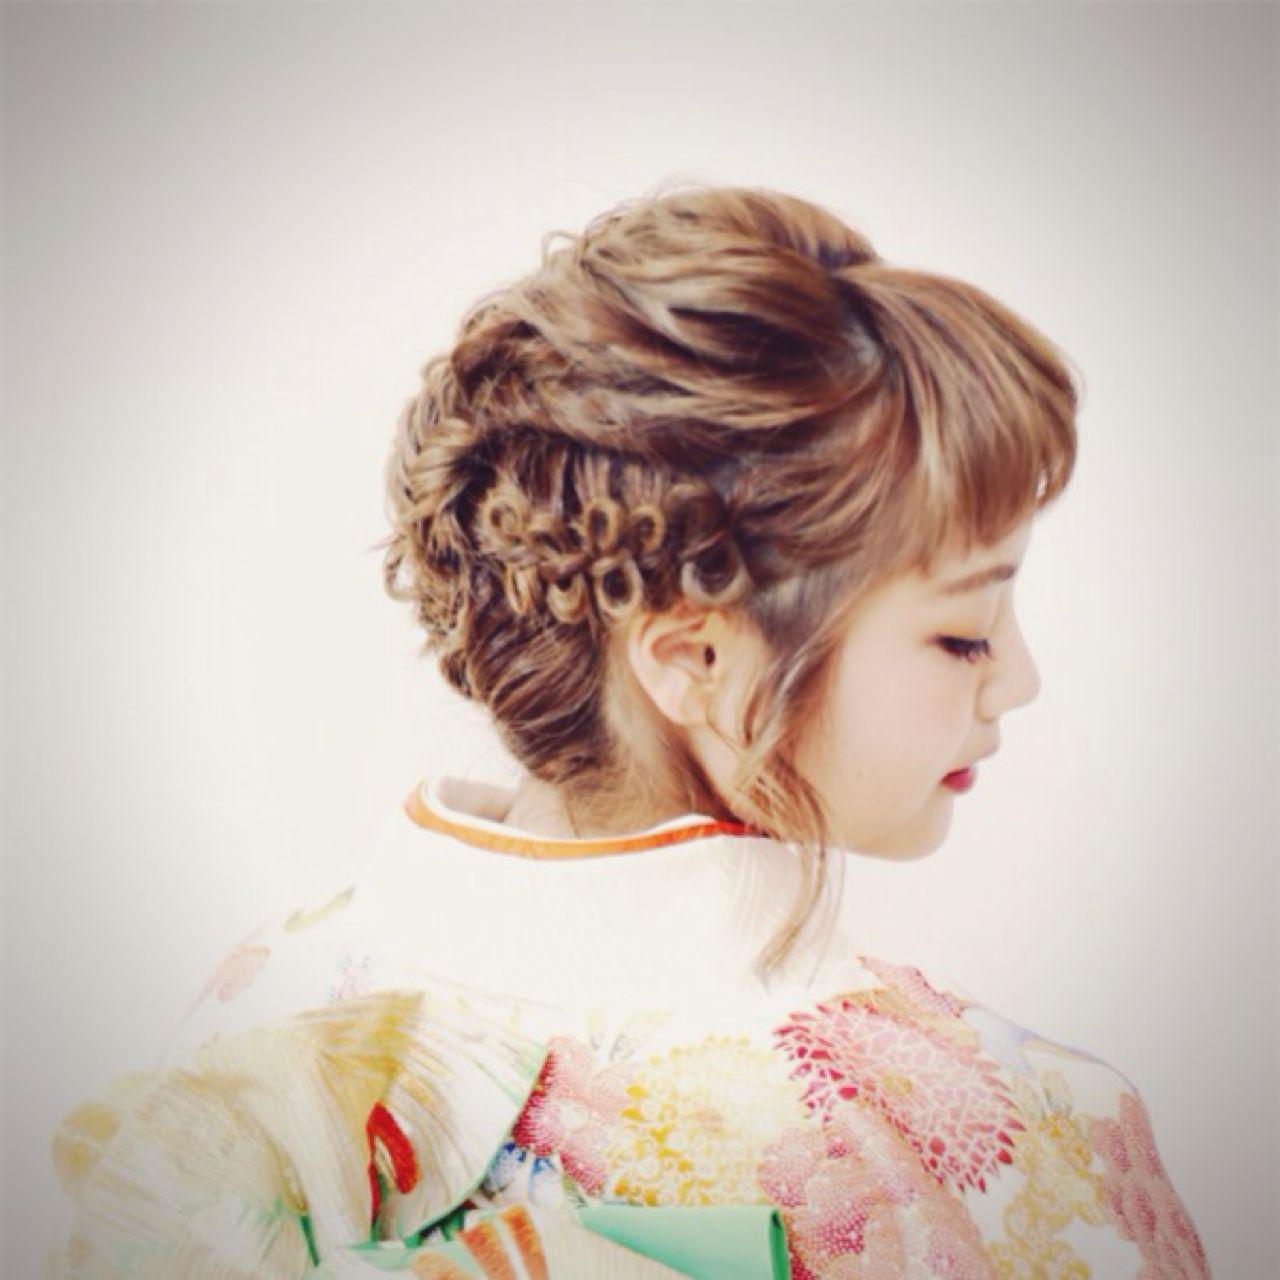 成人式の髪型紹介♪~王道から個性的アレンジまですべてお見せします!~